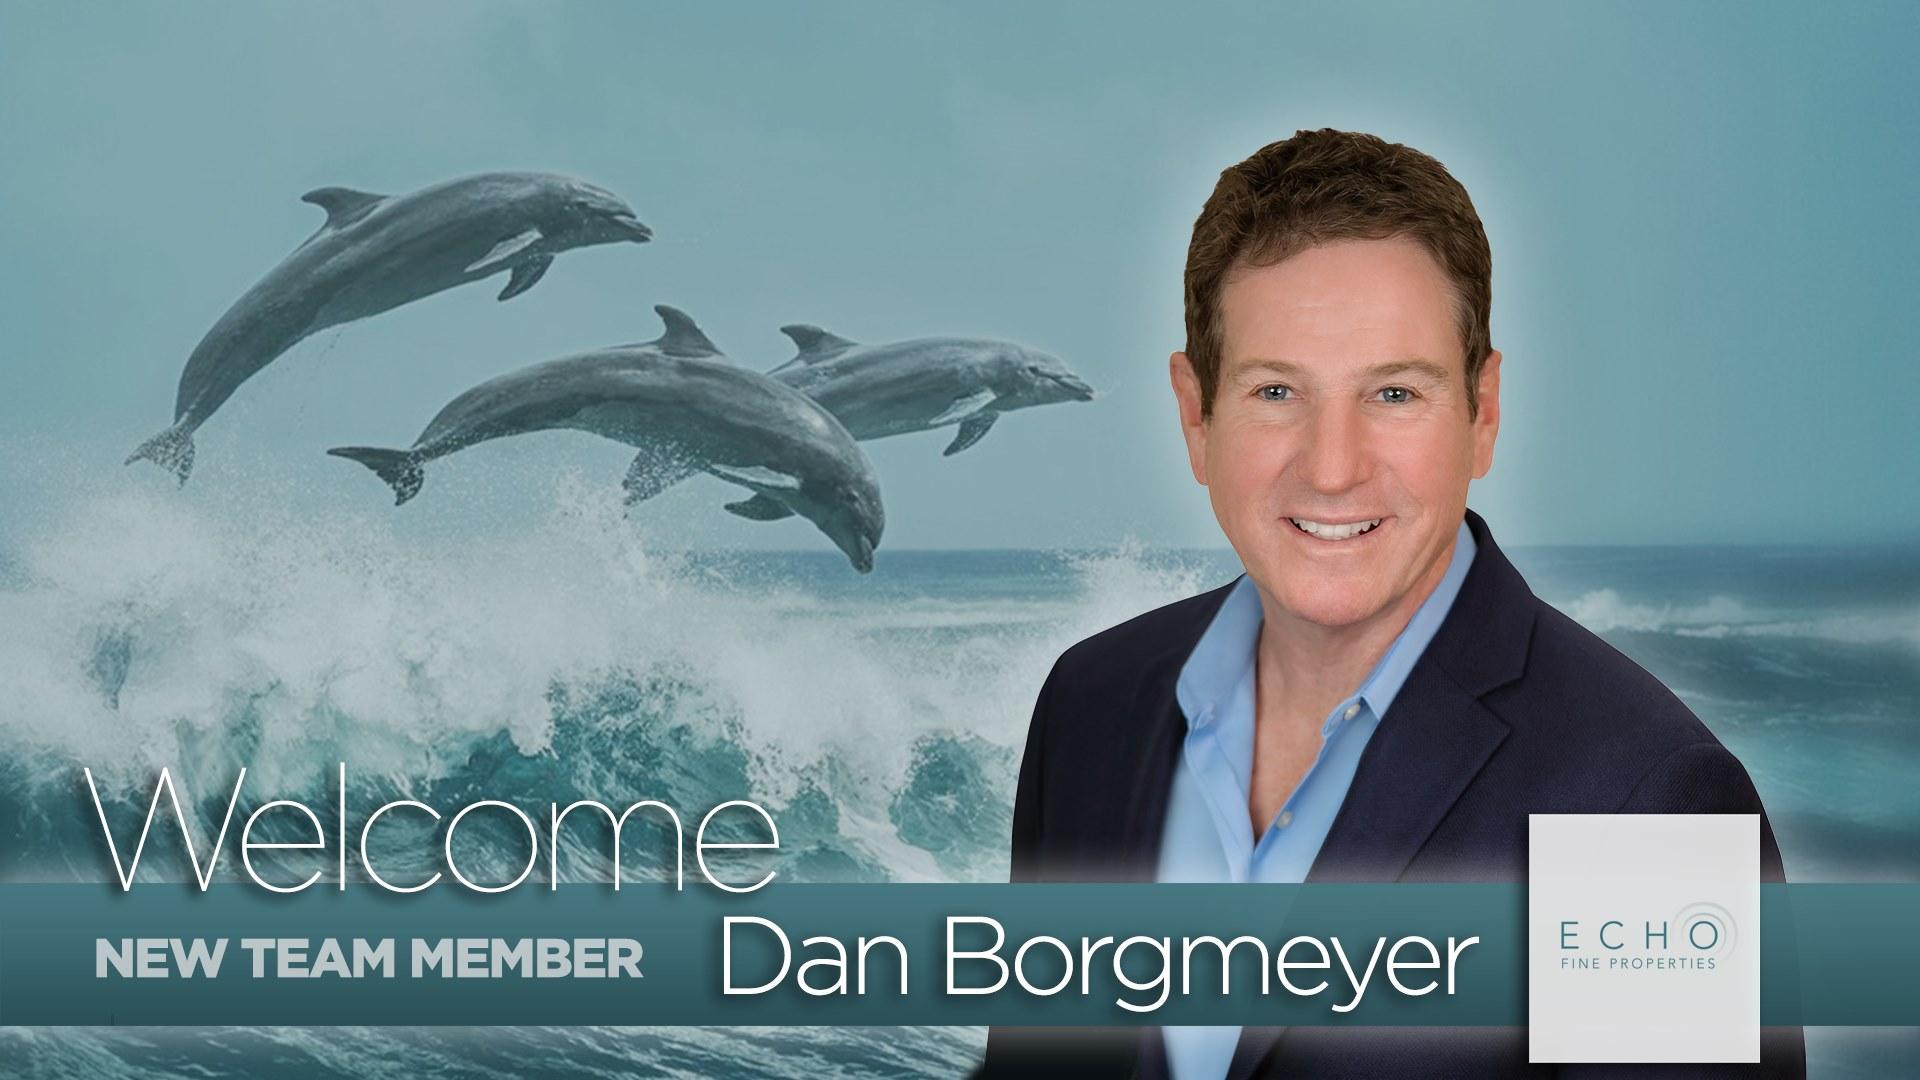 Welcome Dan